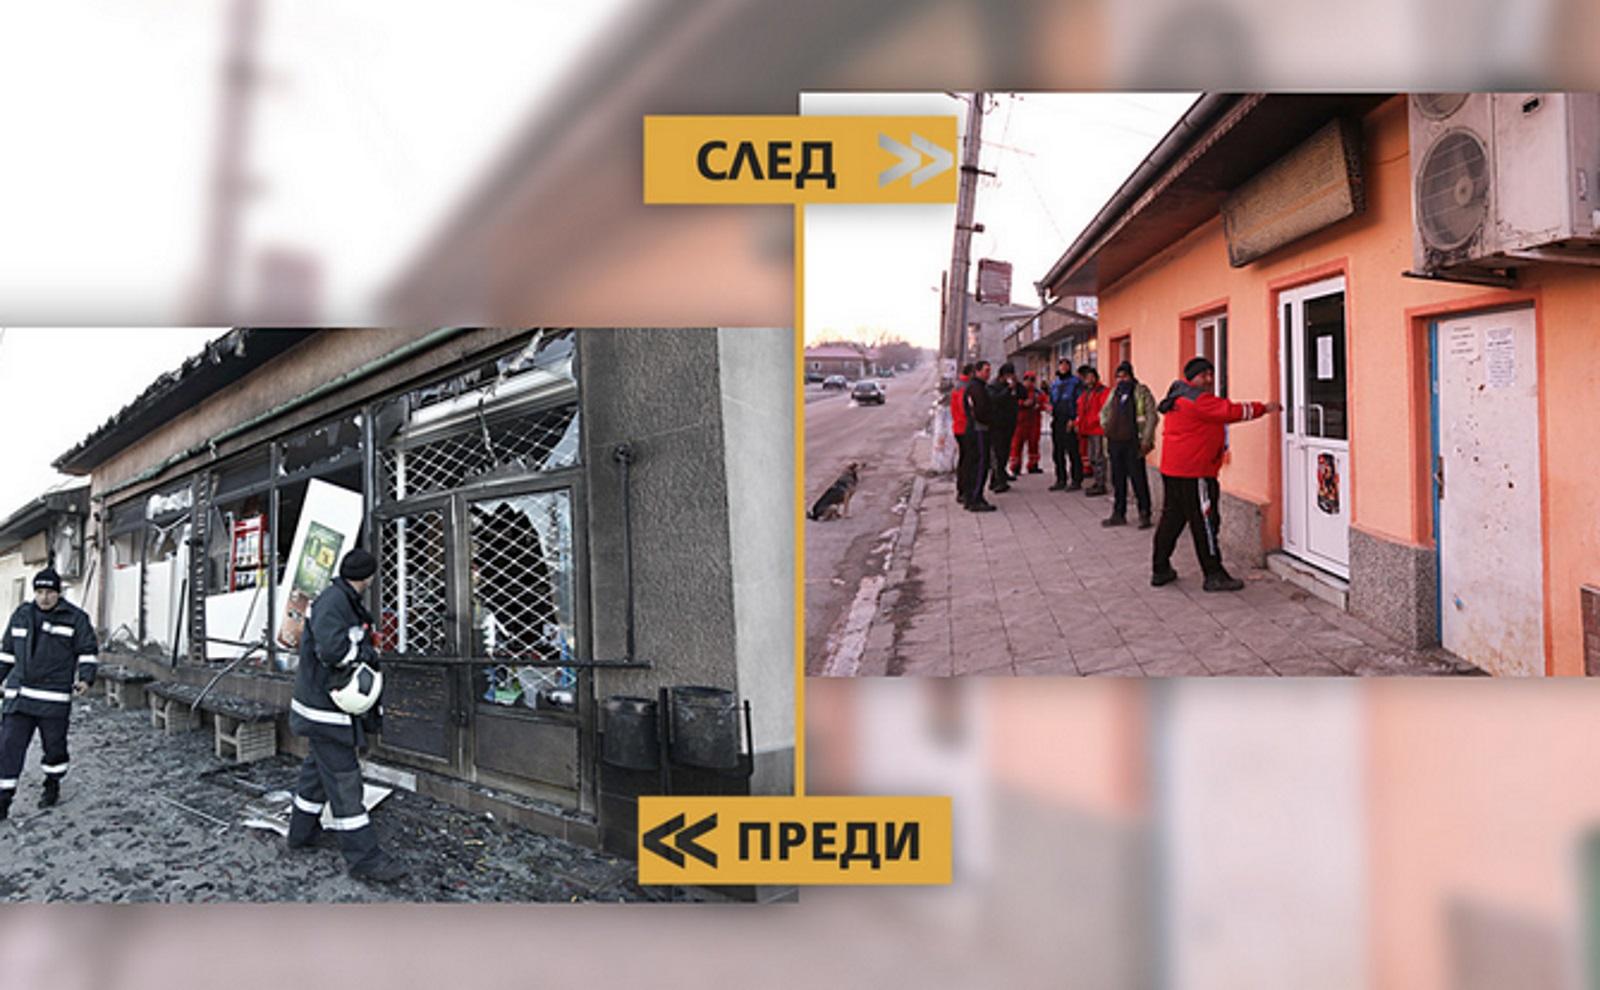 Рано сутринта на 10 декември товарен влак, превозващ цистерни с пропилен и пропан бутан, влиза в Хитрино. При навлизане в железопътното отклонение седем цистерни дерайлират, а една от тях се самозапалва. Следва огнен ад за жителите на селото.